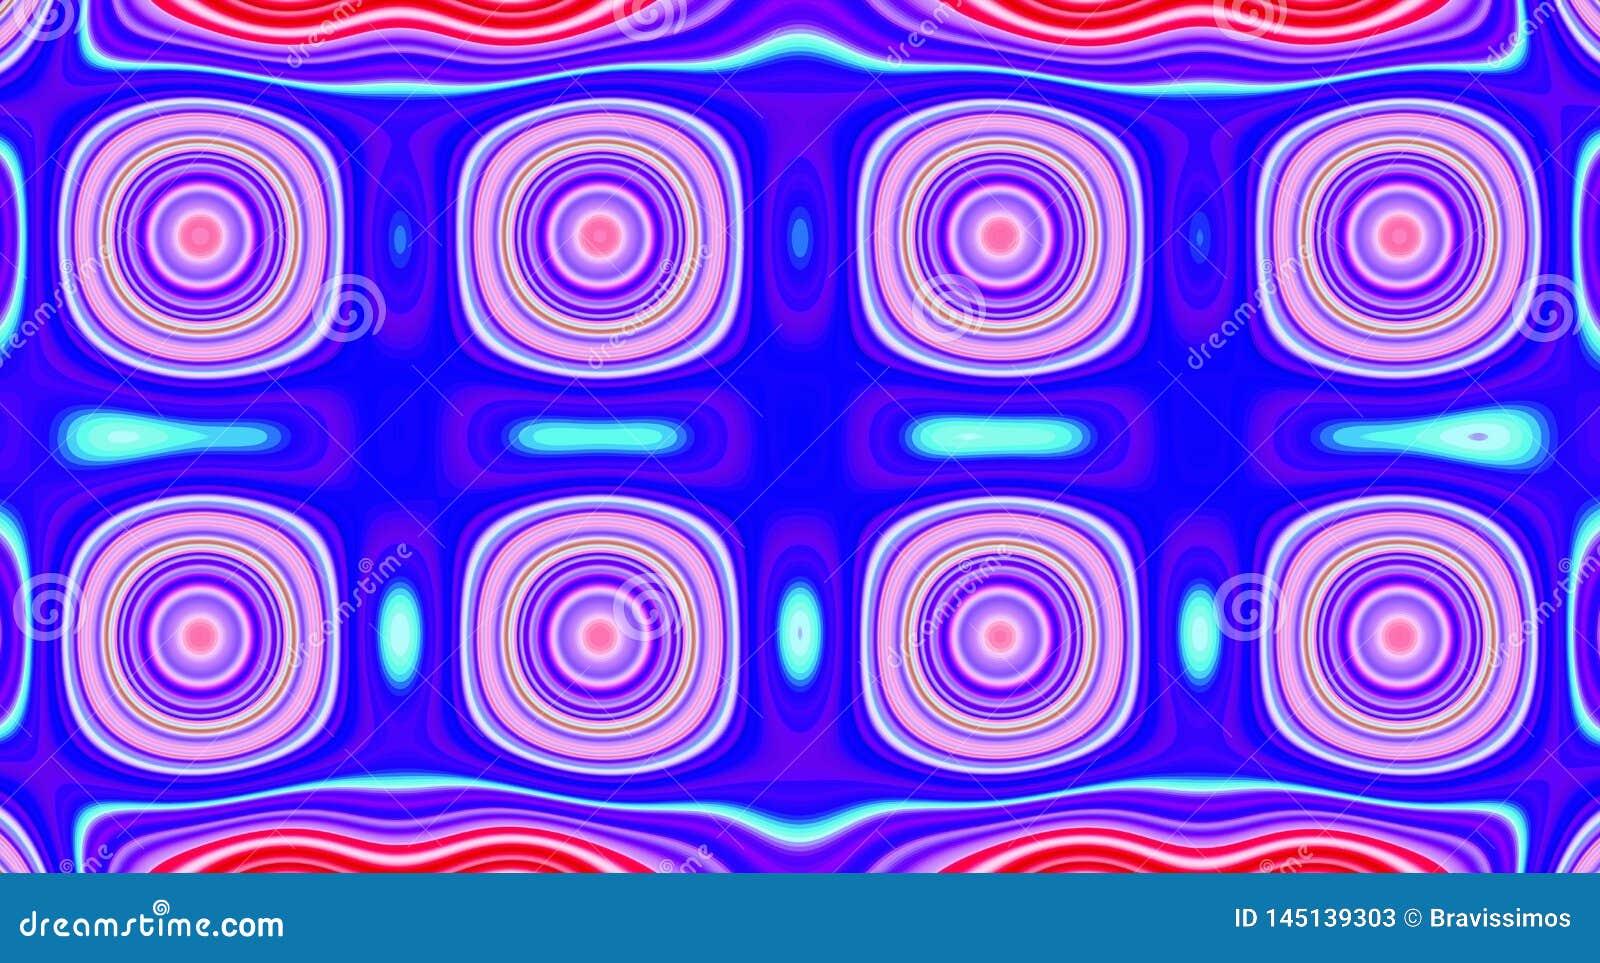 Psychedelische symmetrie abstract patroon en hypnotic achtergrond, kleuren zine cultuur